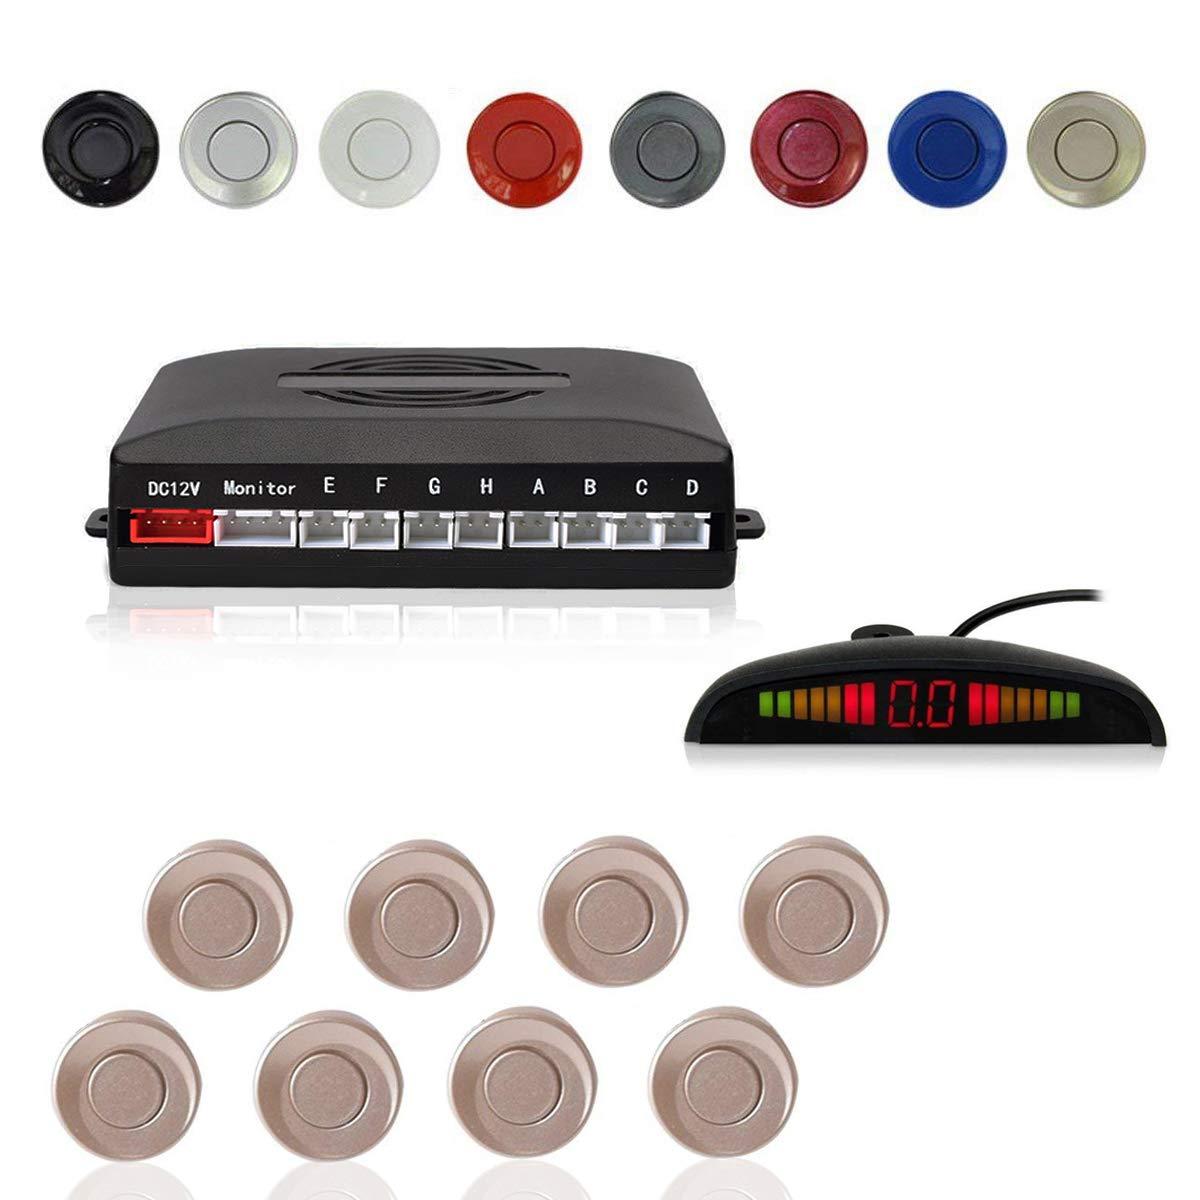 Cocar Argent Voiture Radar de Recul LED Parking Beep /& park Assist Syst/ème avec Distance Affichage R/étro Aide au Parcage 4 Capteurs